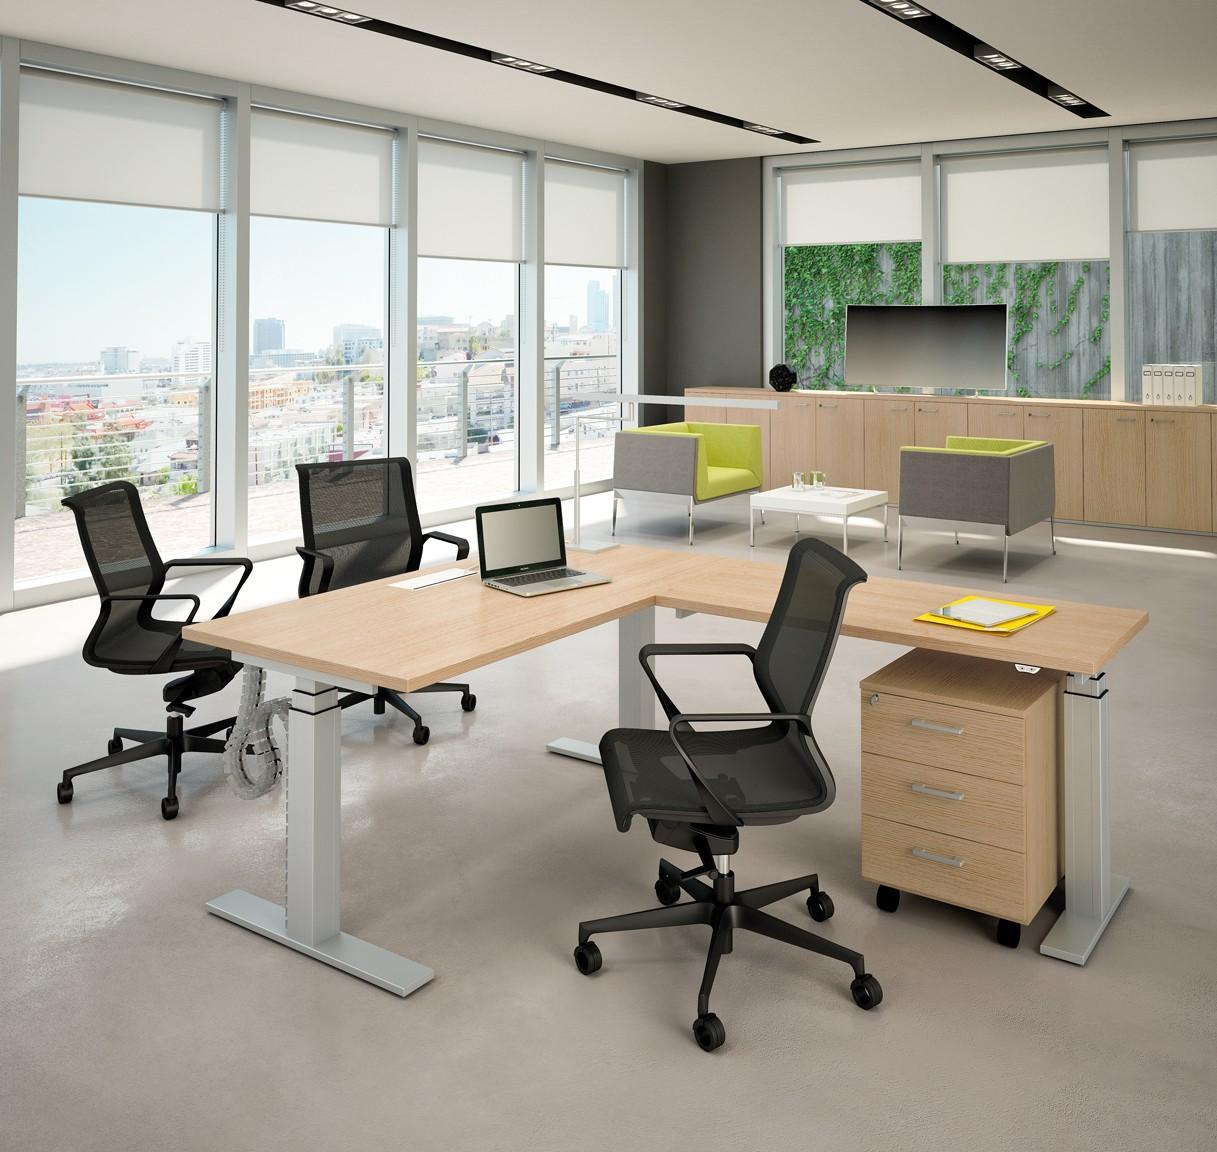 bureau assis debout lectrique modul avec retour achat bureaux r glables en hauteur 1 526 00. Black Bedroom Furniture Sets. Home Design Ideas